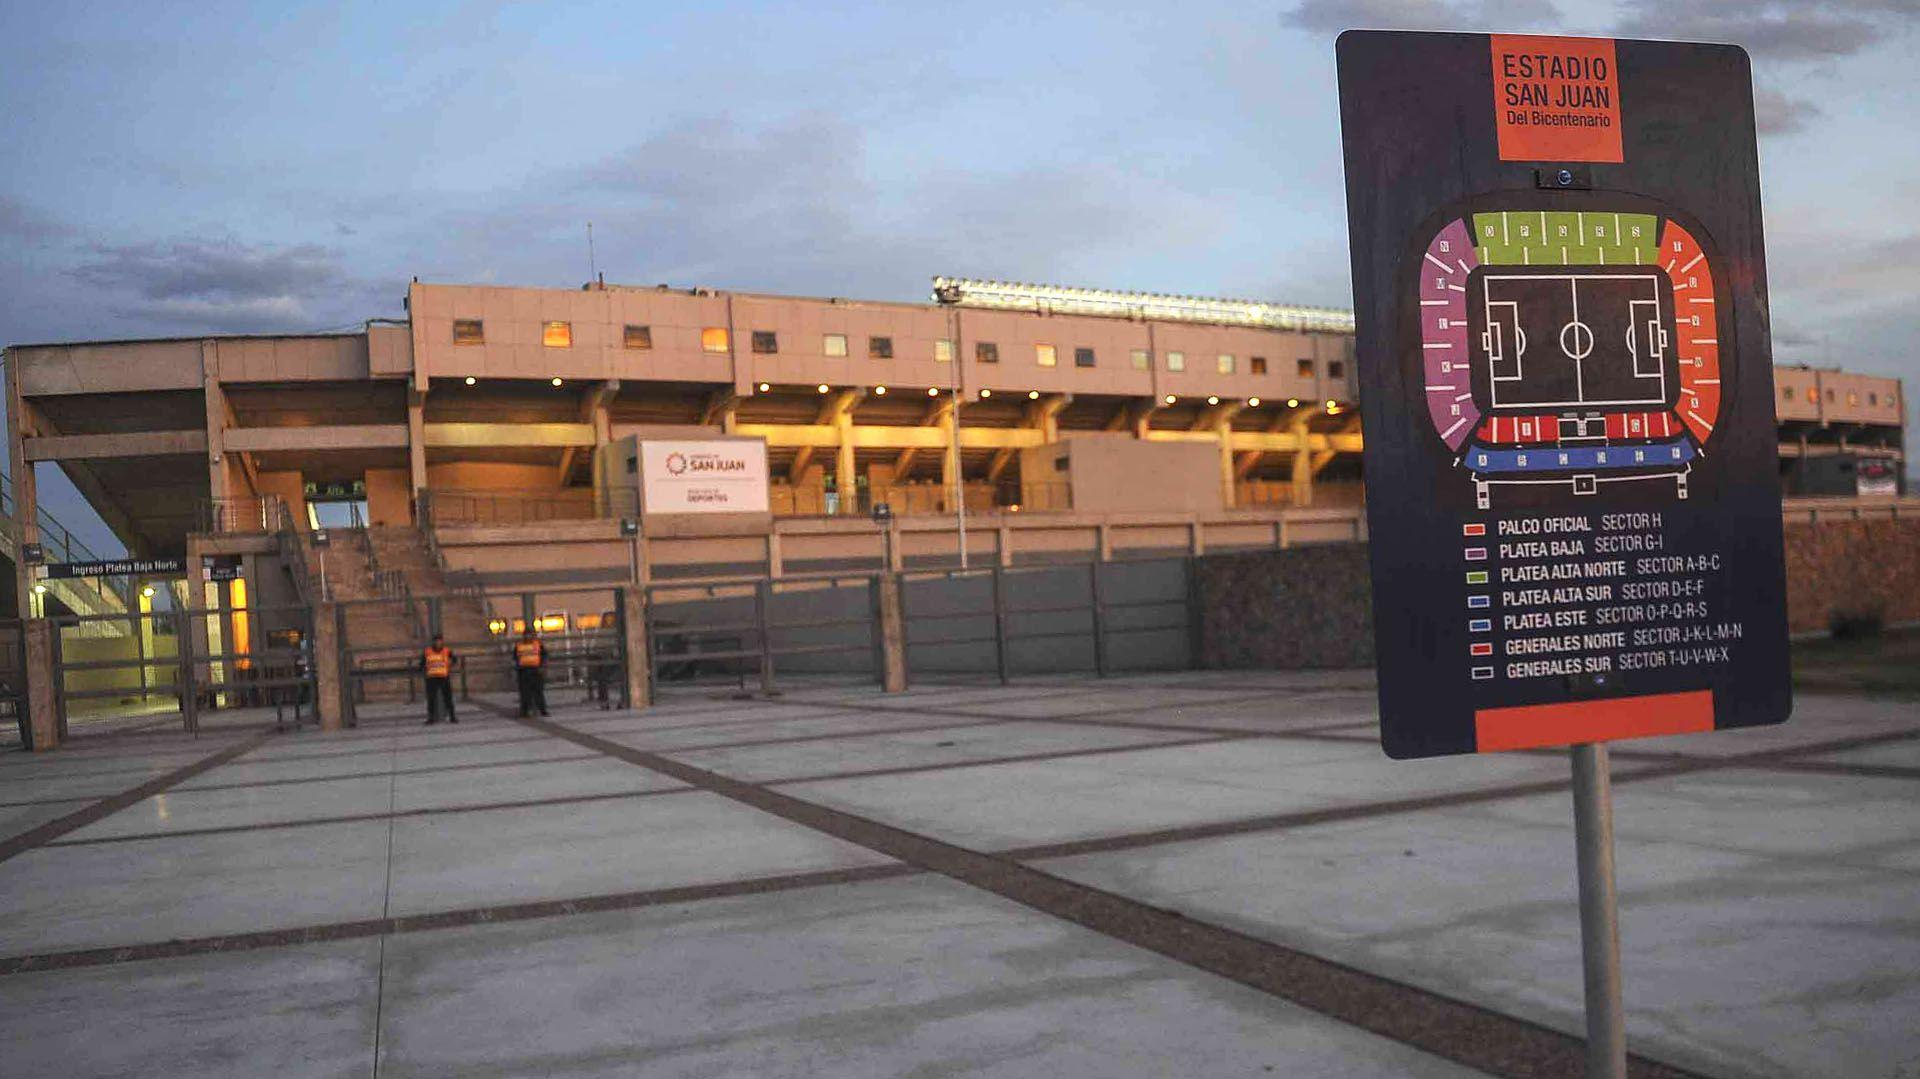 El estadio San Juan del Bicentenario será la sede de las dos semifinales (Victor Carreira/telam/cf)